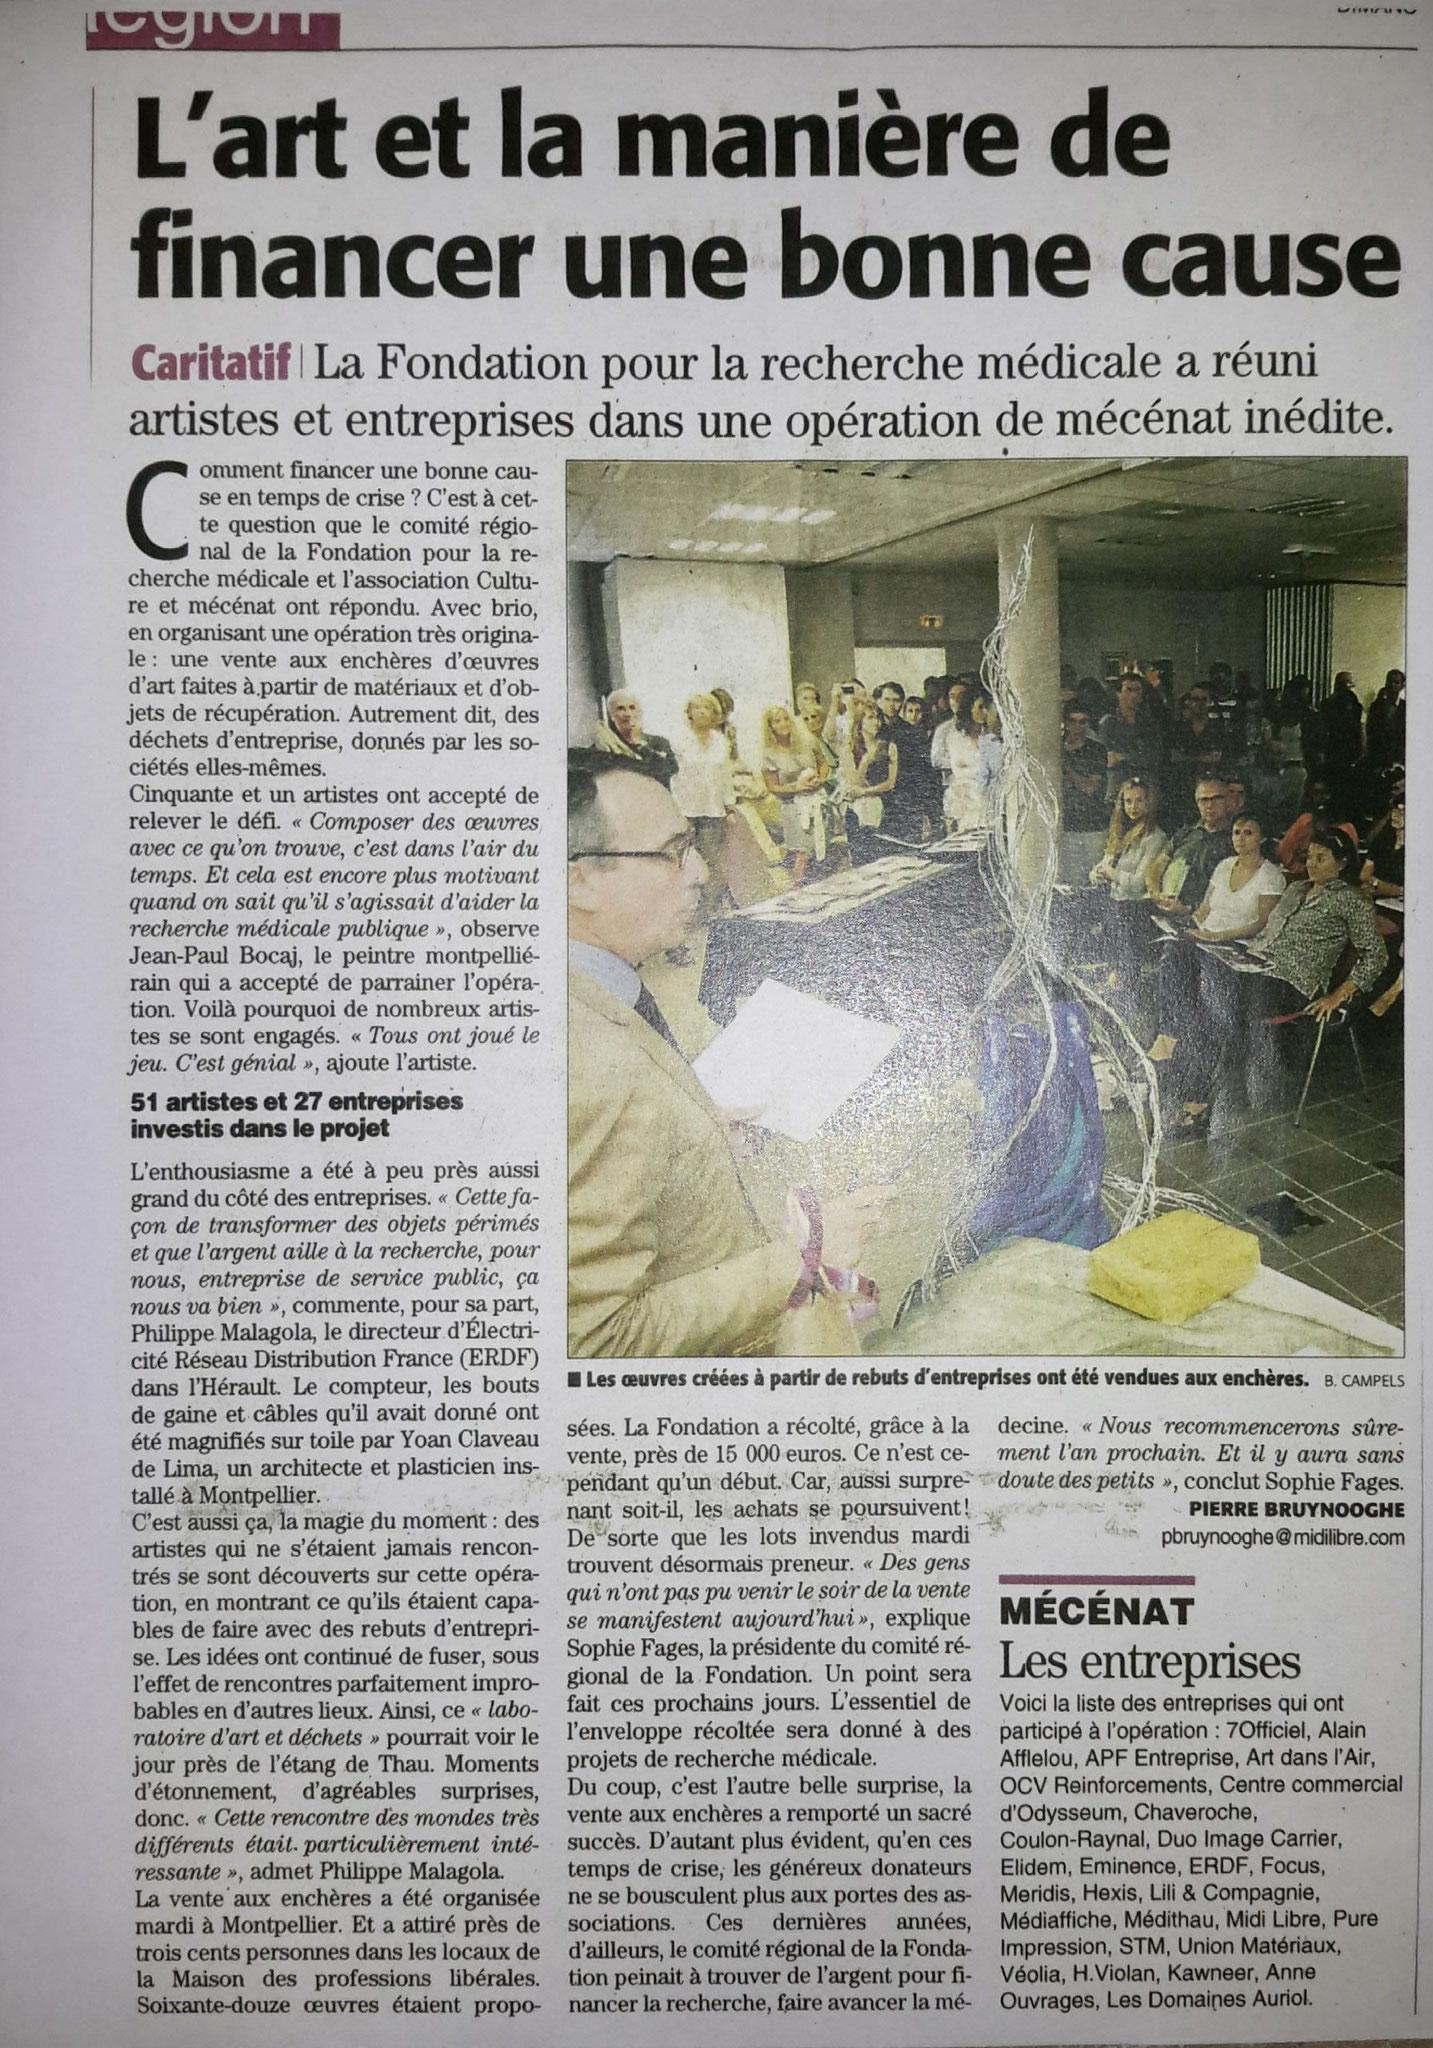 Midi-Libre _Vente aux Enchères pour la Recherche Médicale en L.R.